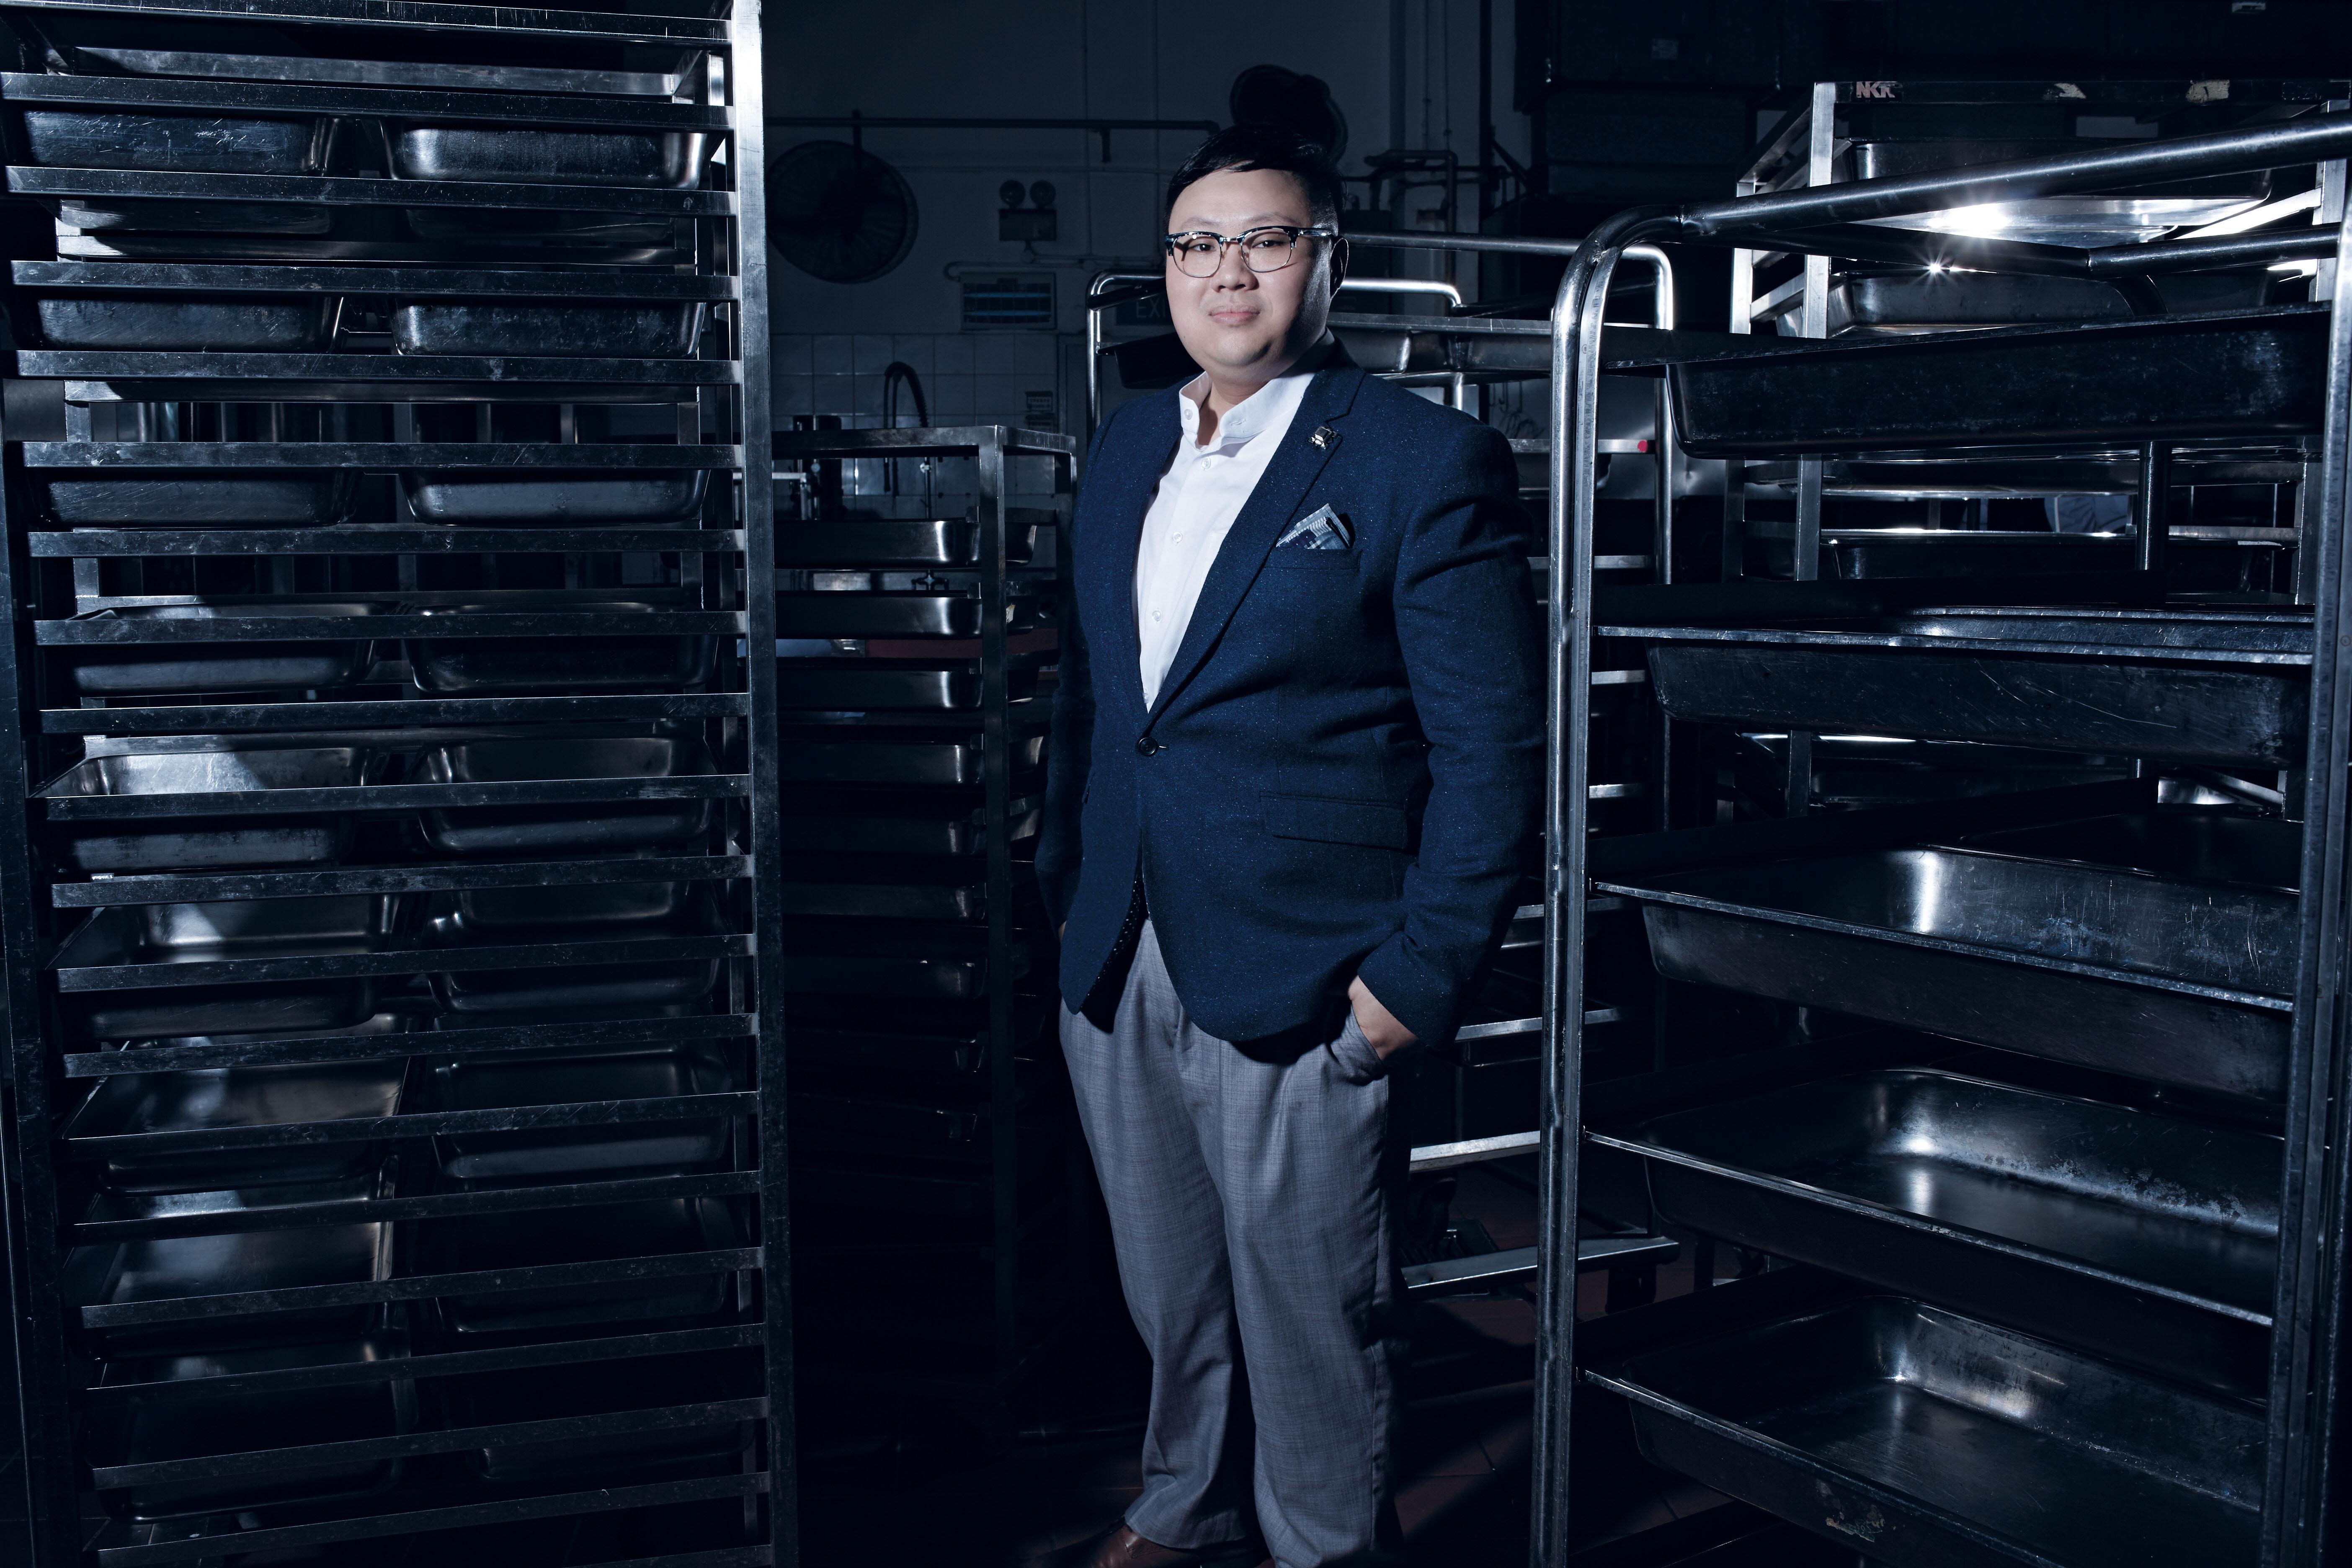 Reuben Ang: Doing Good with Food